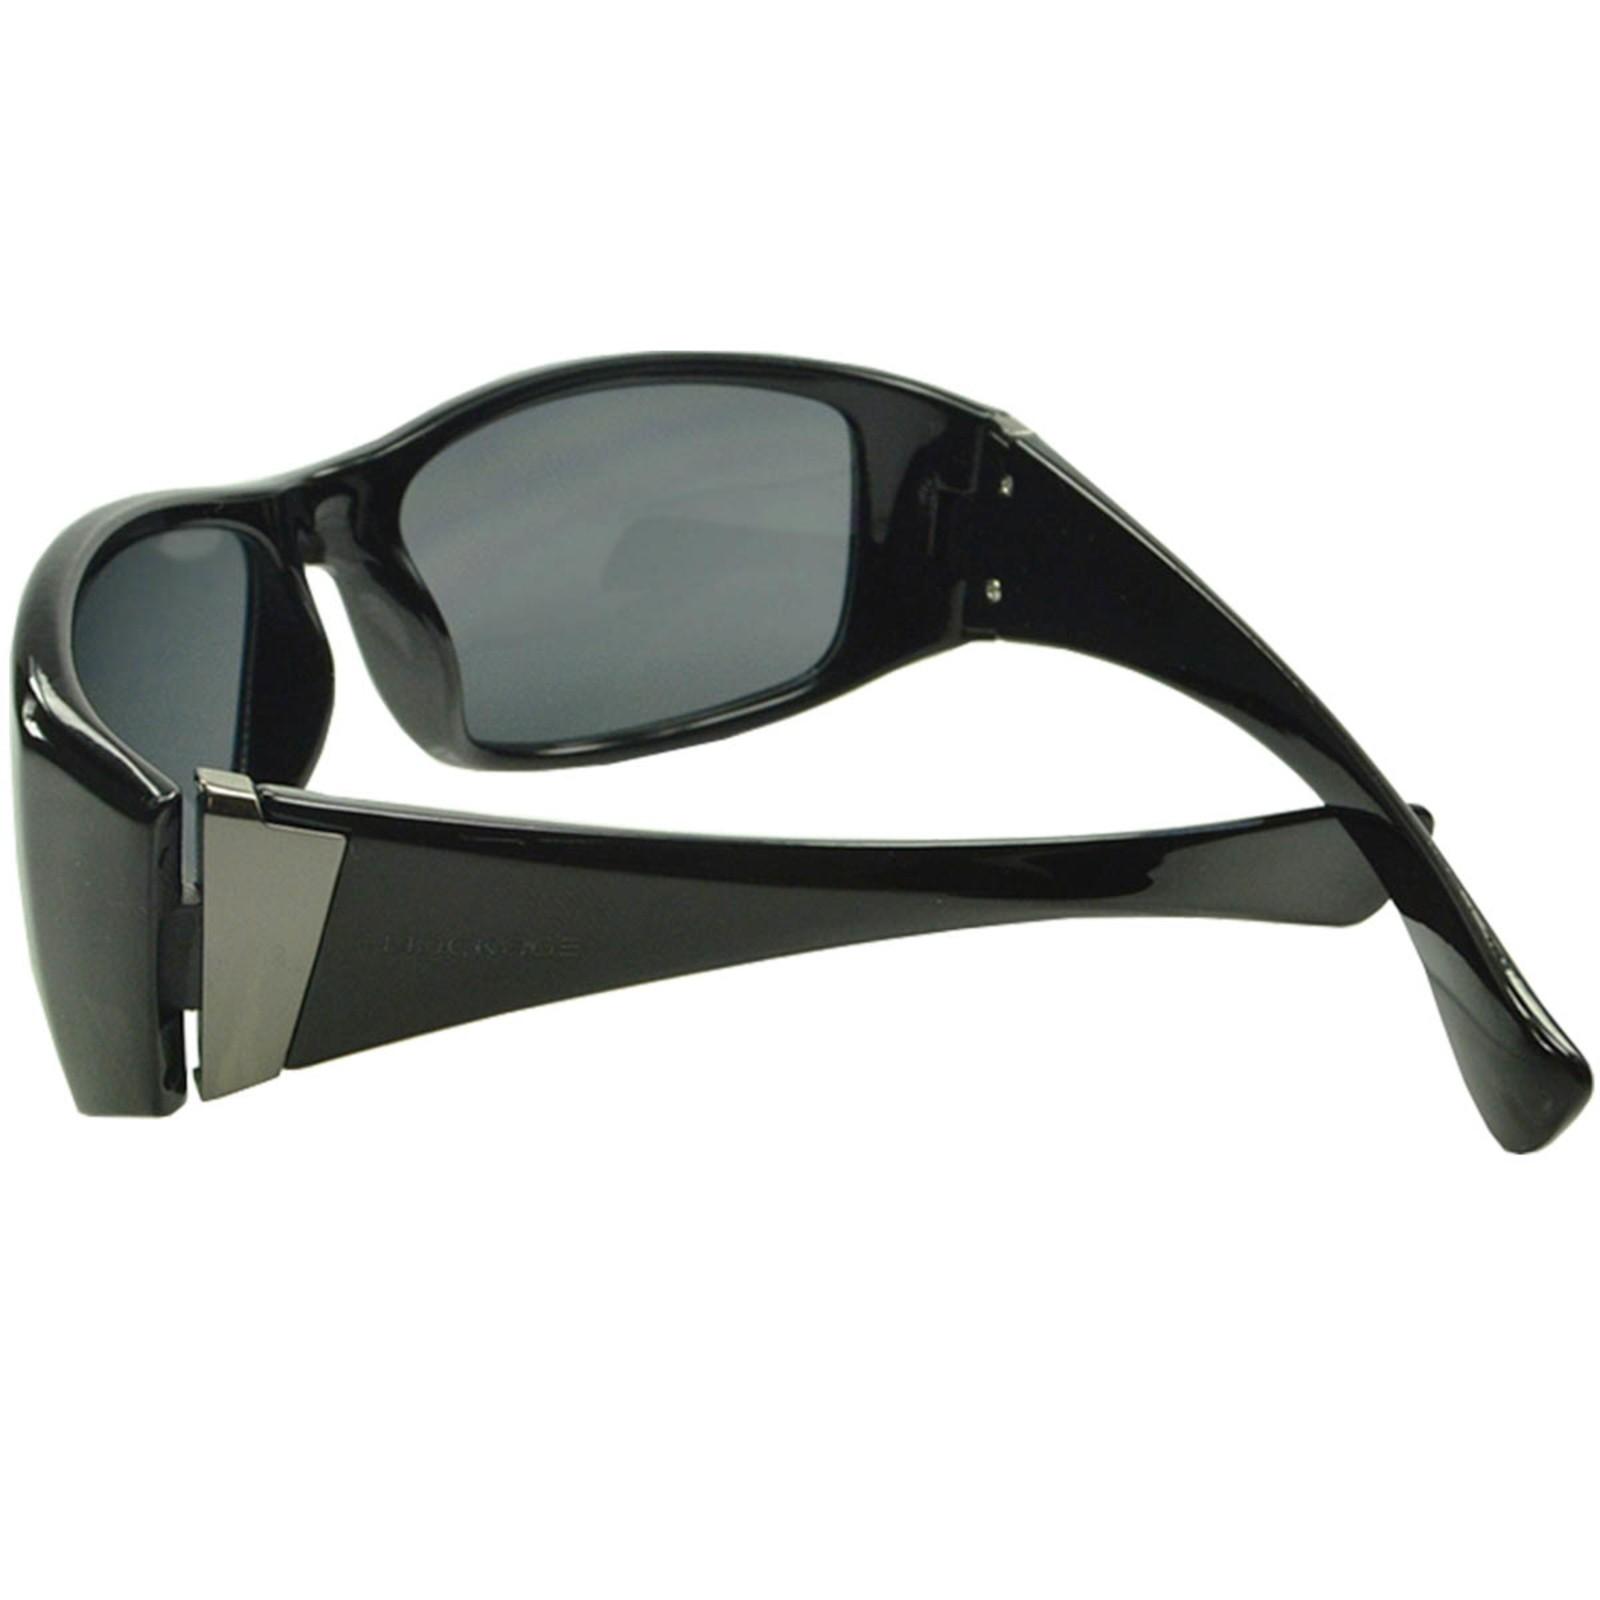 Óculos de Sol Mackage Unissex Acetato Esportivo - Preto Brilho